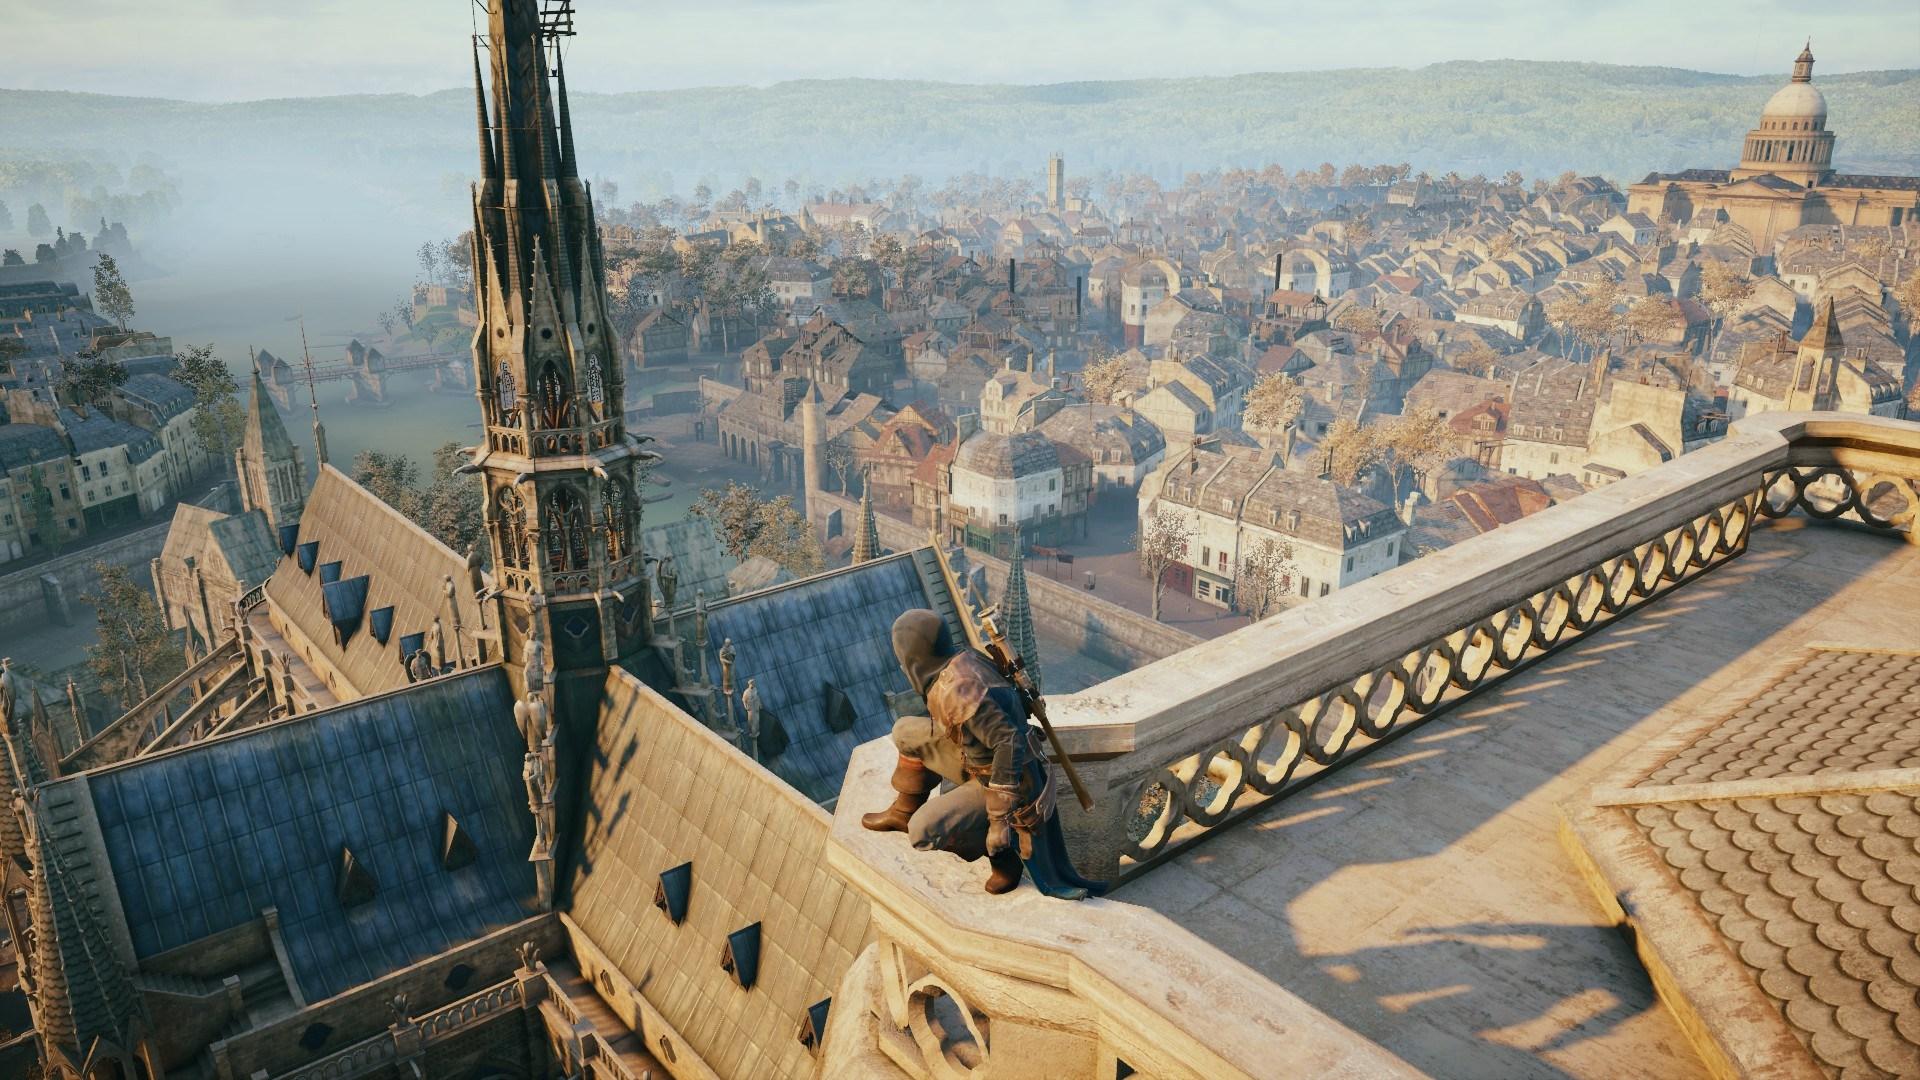 """La aguja de Notre Dame en el videojuego """"Assassin's Creed Unity""""."""